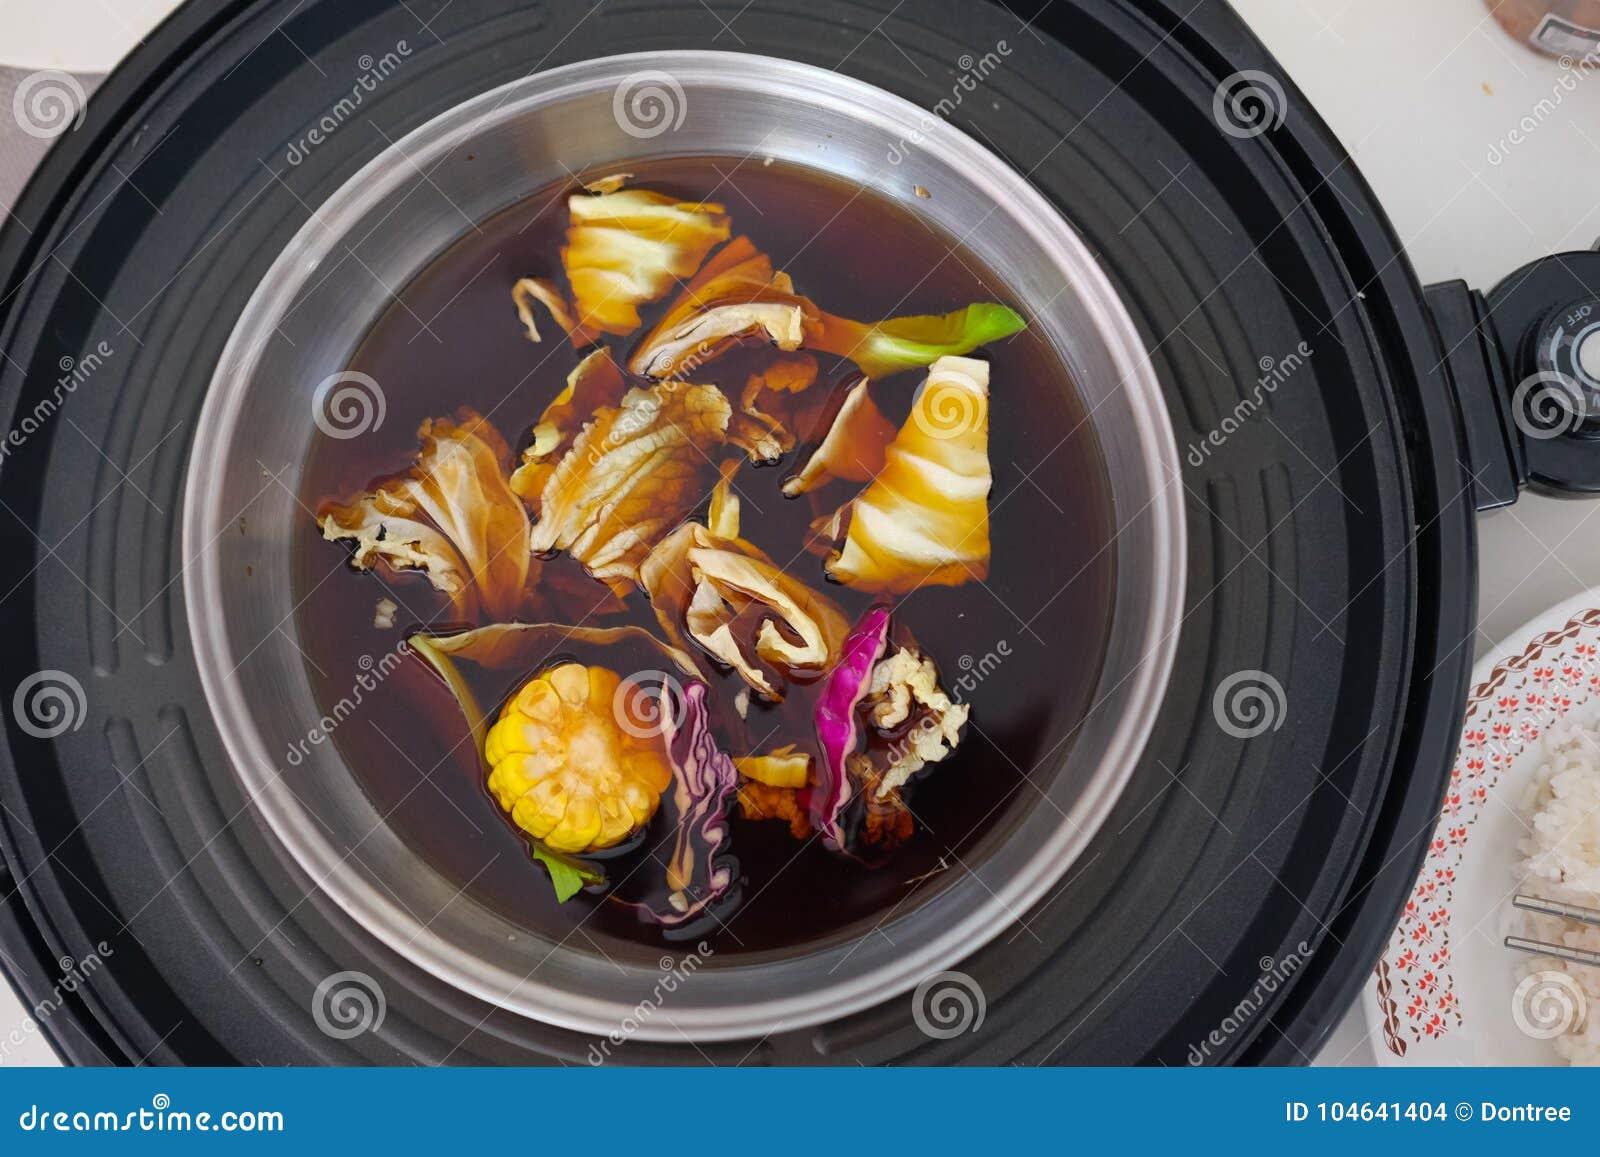 Download De Hete Pot Van Shabushabu Met Divers Van Groenten Stock Foto - Afbeelding bestaande uit hoog, aluminium: 104641404